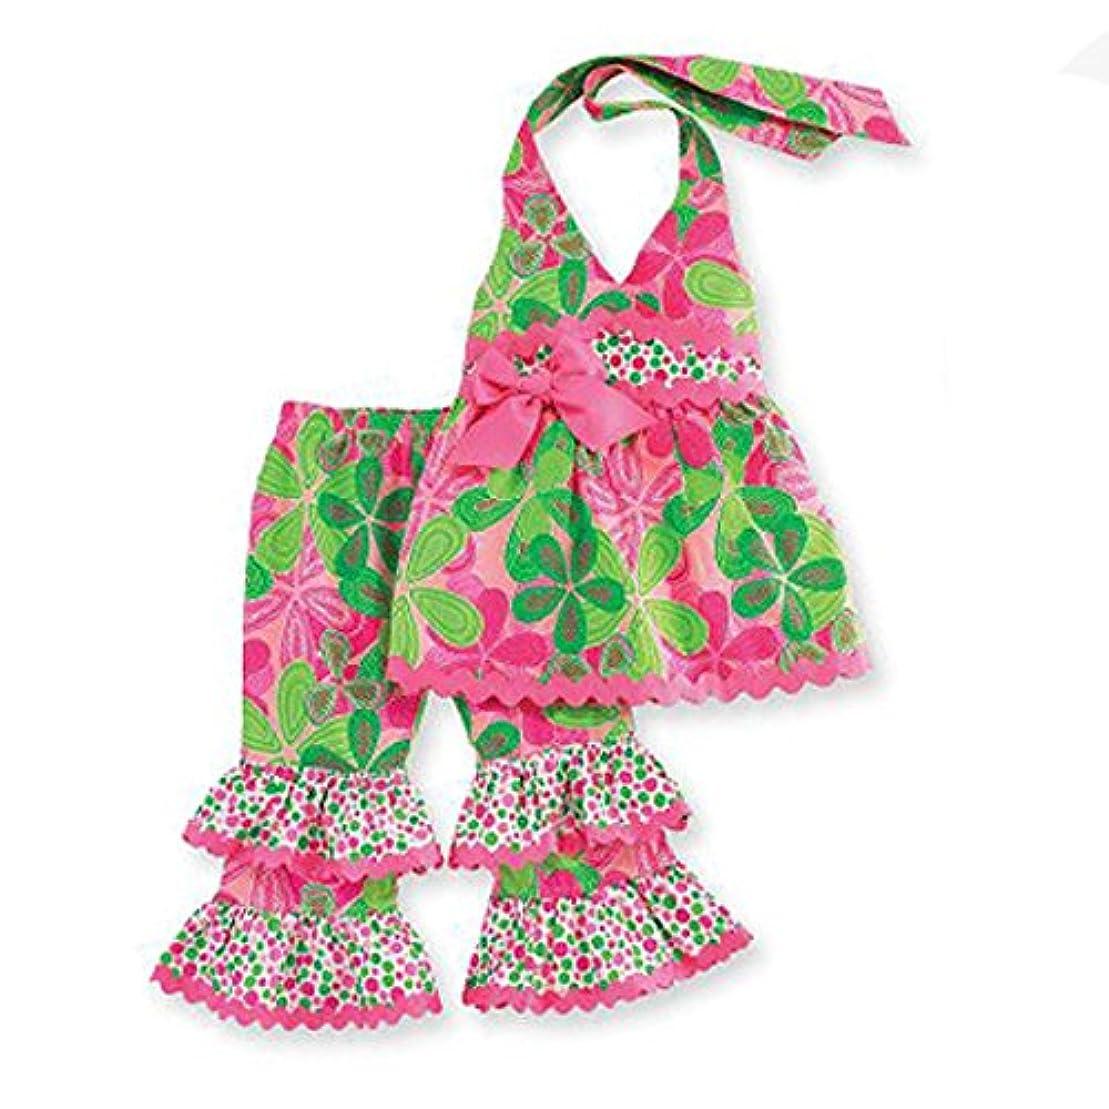 つかいます塩フェデレーションmudpie マッドパイ フローラルホルターパンツセット Floral Halter Pant Set 167611